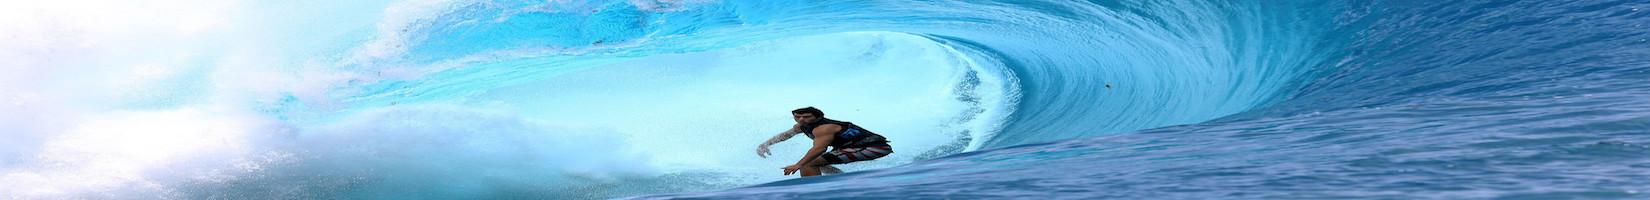 Venez découvrir le simulateur de Surf mobile avec Be Event Sensation, partout en France.